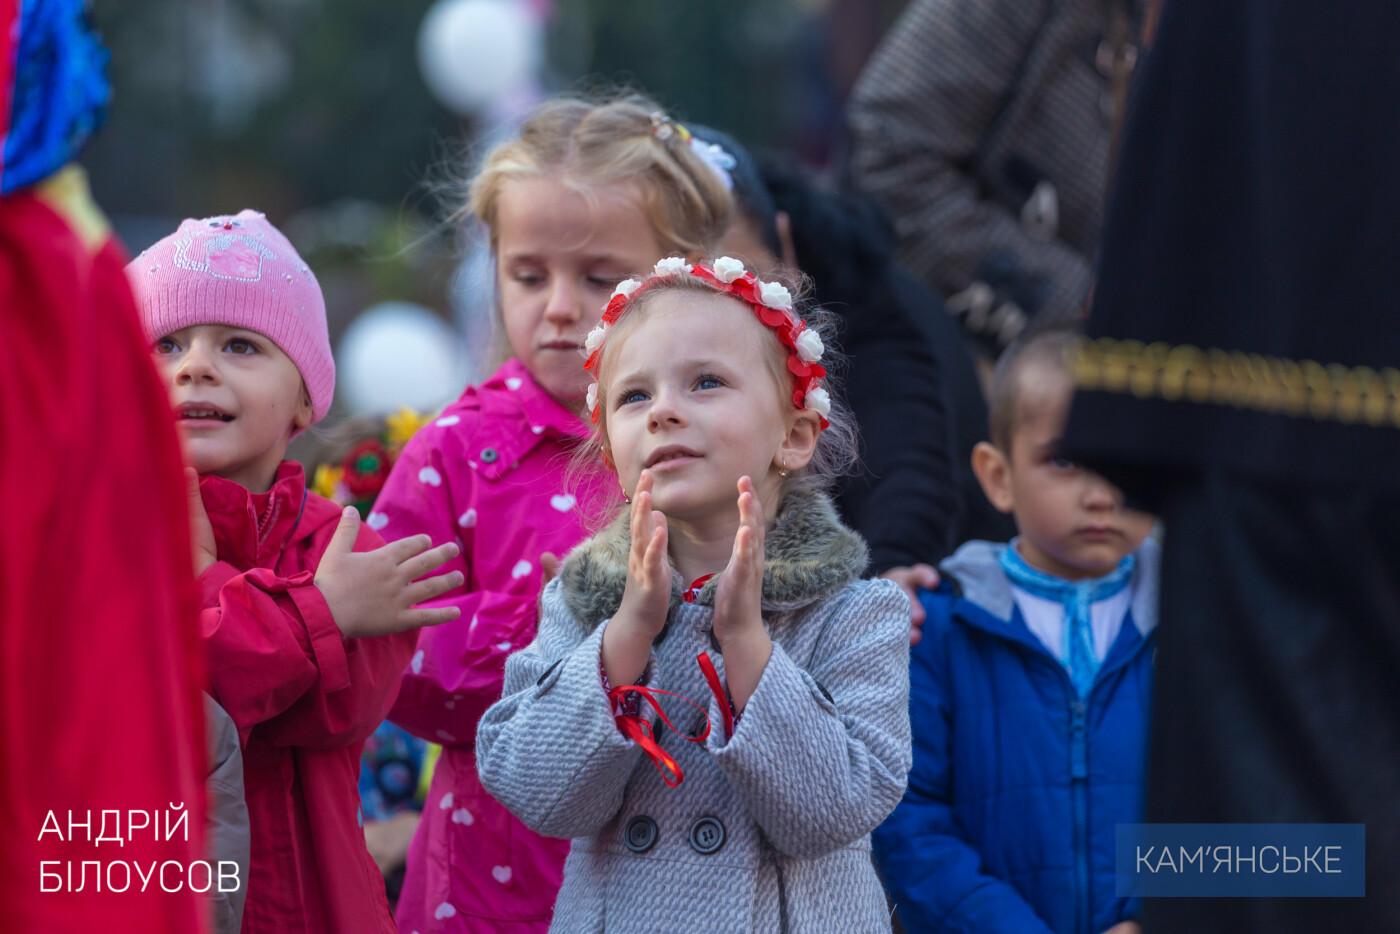 В Каменском на Черемушках открыли после реконструкции новый детский сад на 110 мест, фото-4